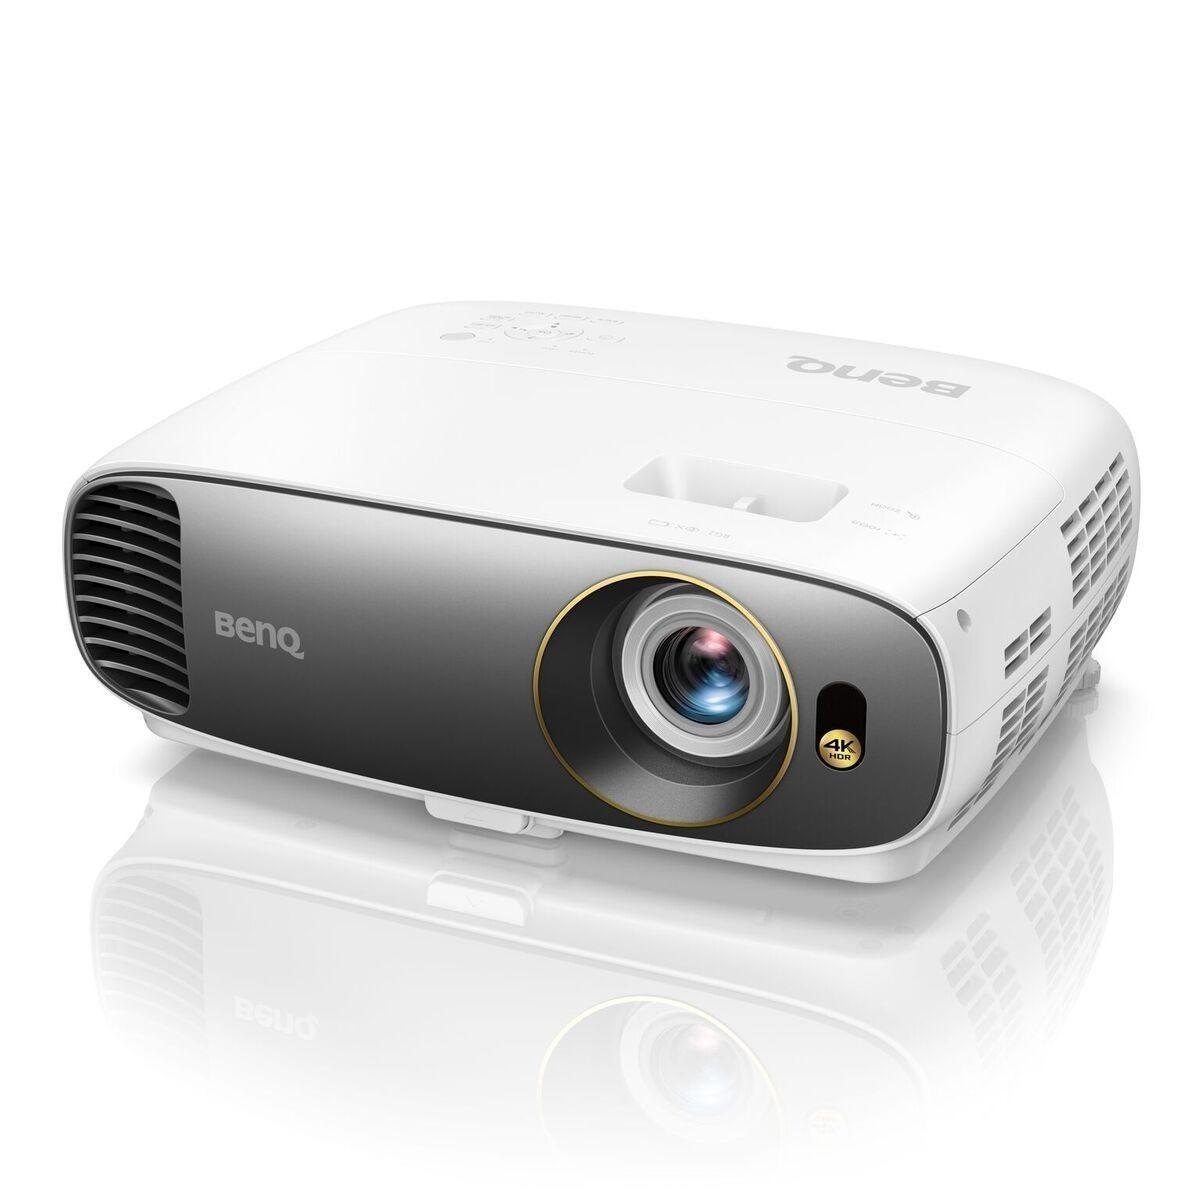 BenQ w1700 Projector - Grand Cinema - UHD 4K (3840x2160) - HDR - HDMI USB - 2200Lumens DLP